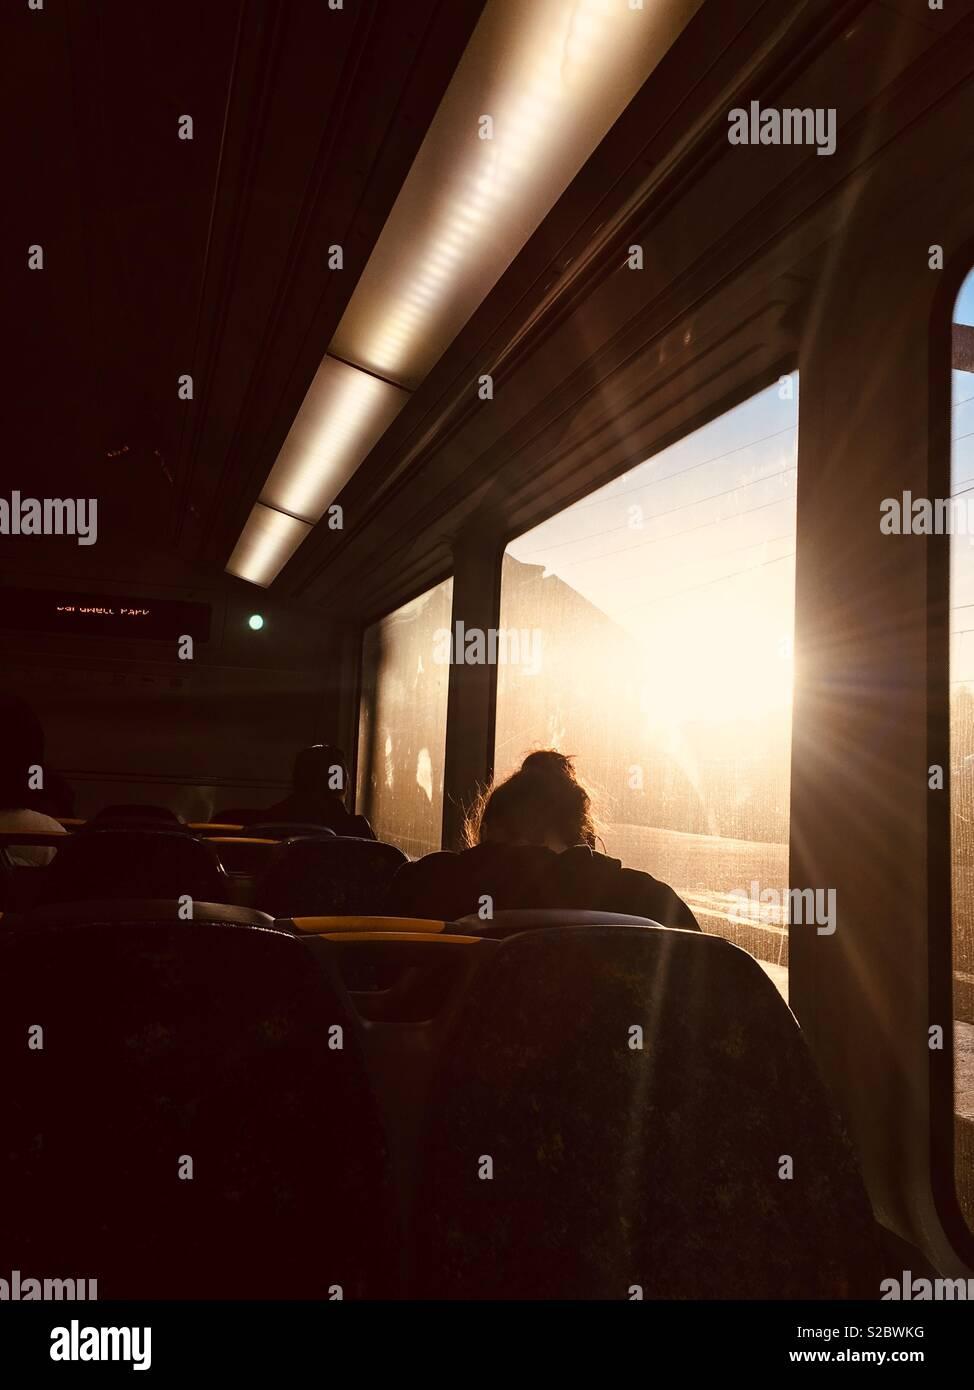 La luz del sol a través de la ventana Imagen De Stock